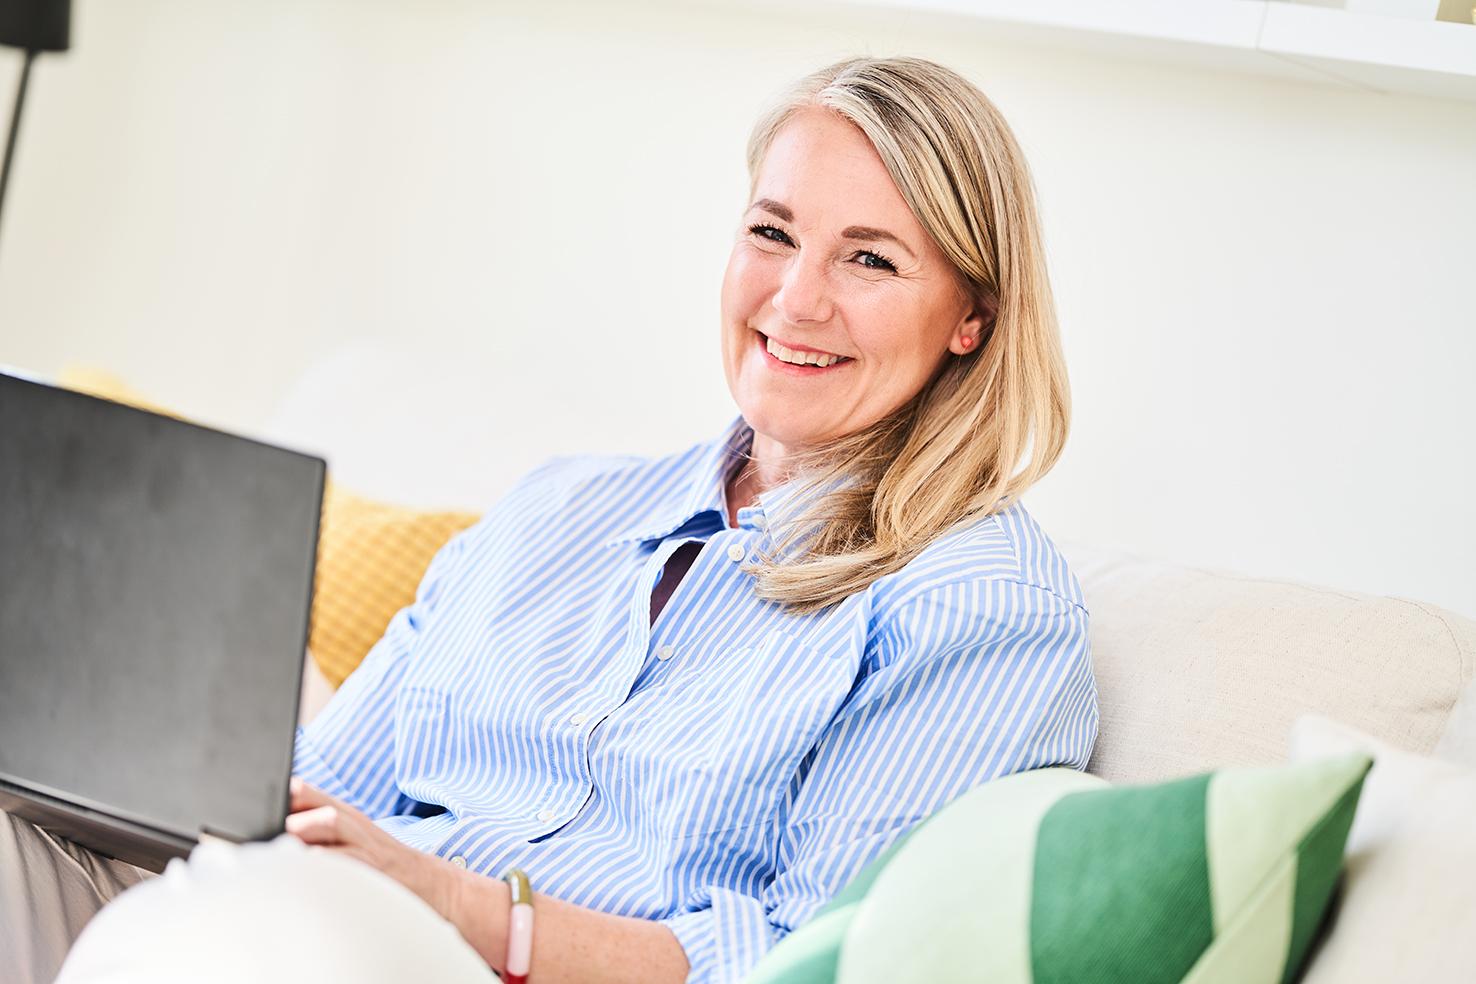 åsa juneström sitter uppkrupen i sin soffa med en laptop i knät